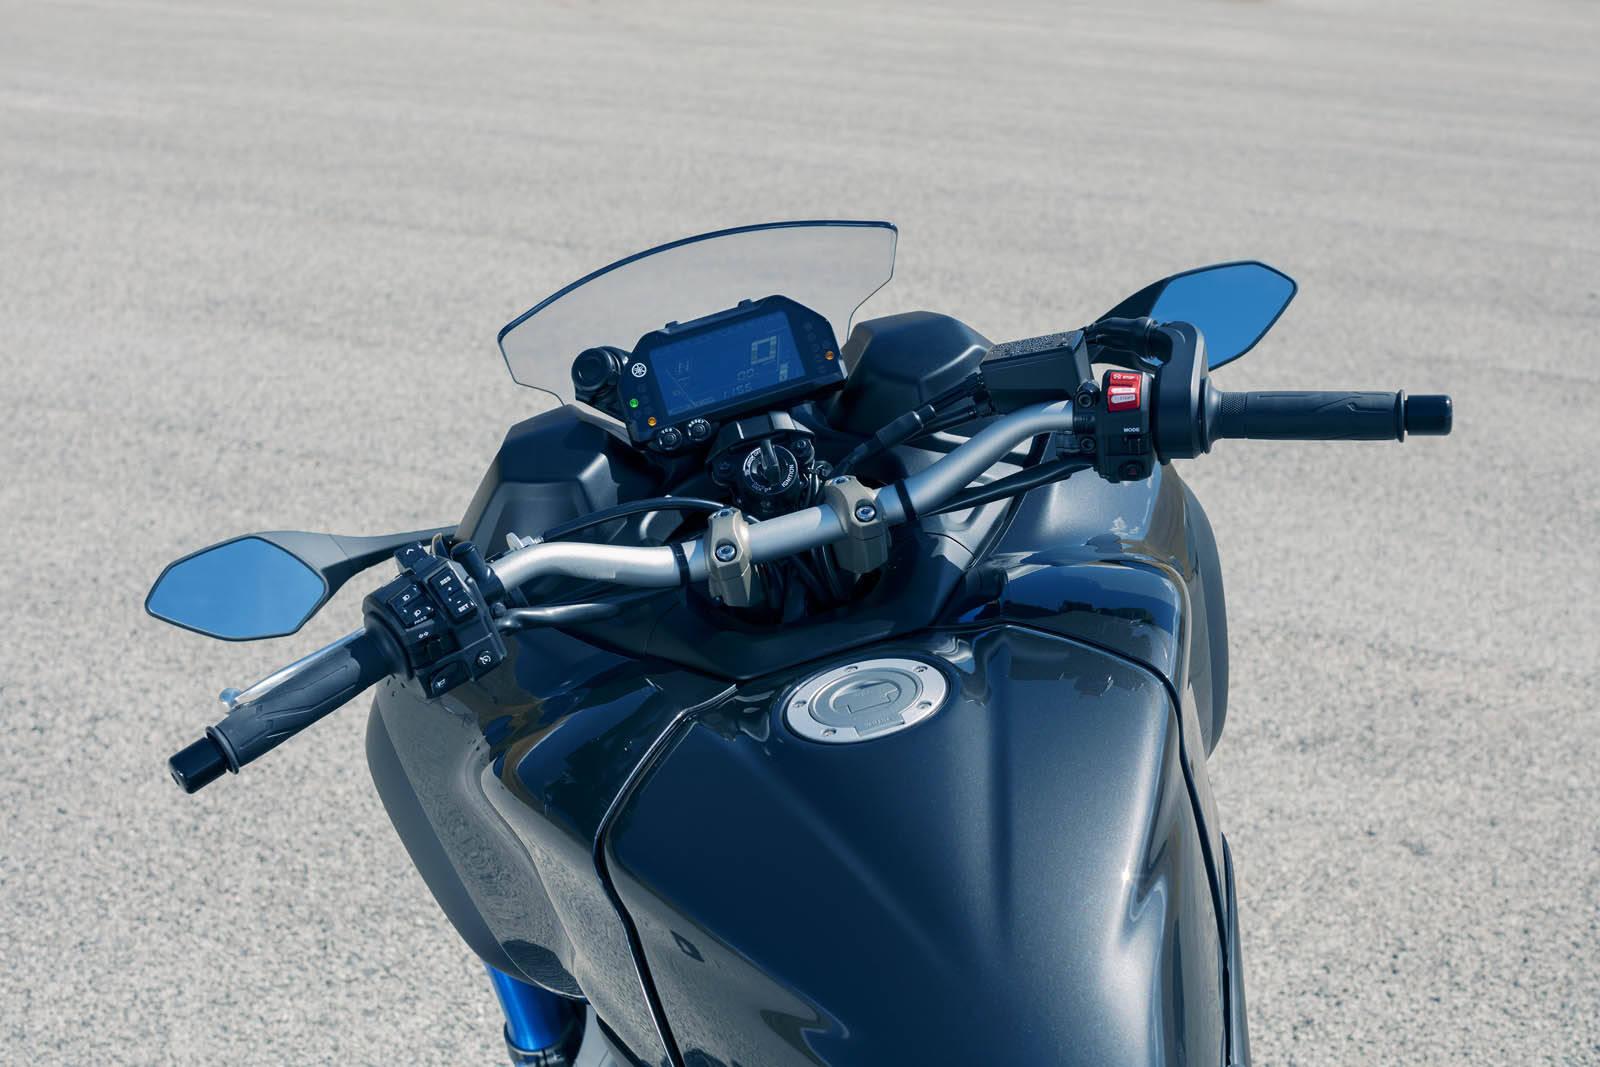 Por esse ângulo, a moto não é diferente de uma Naked esportiva convencional, com sua empunhadura esportiva e painel digital. Foto: Divulgação